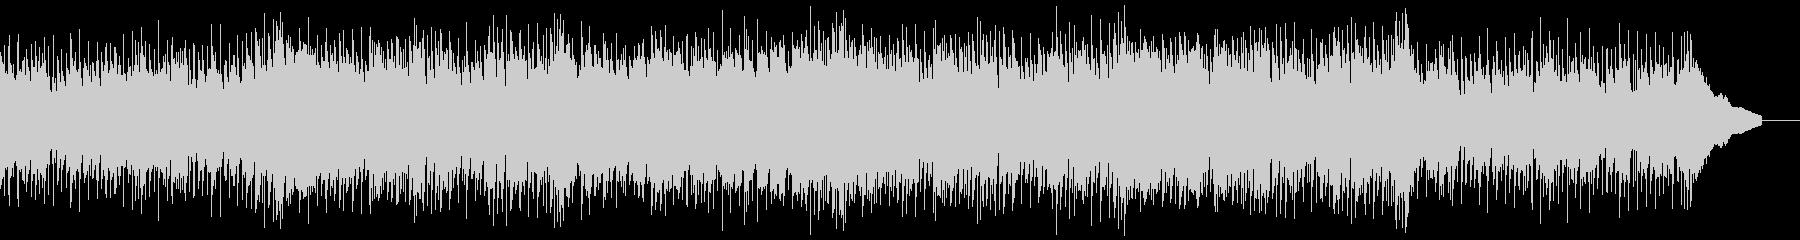 生演奏ウクレレおしゃれかっこいい生音系の未再生の波形